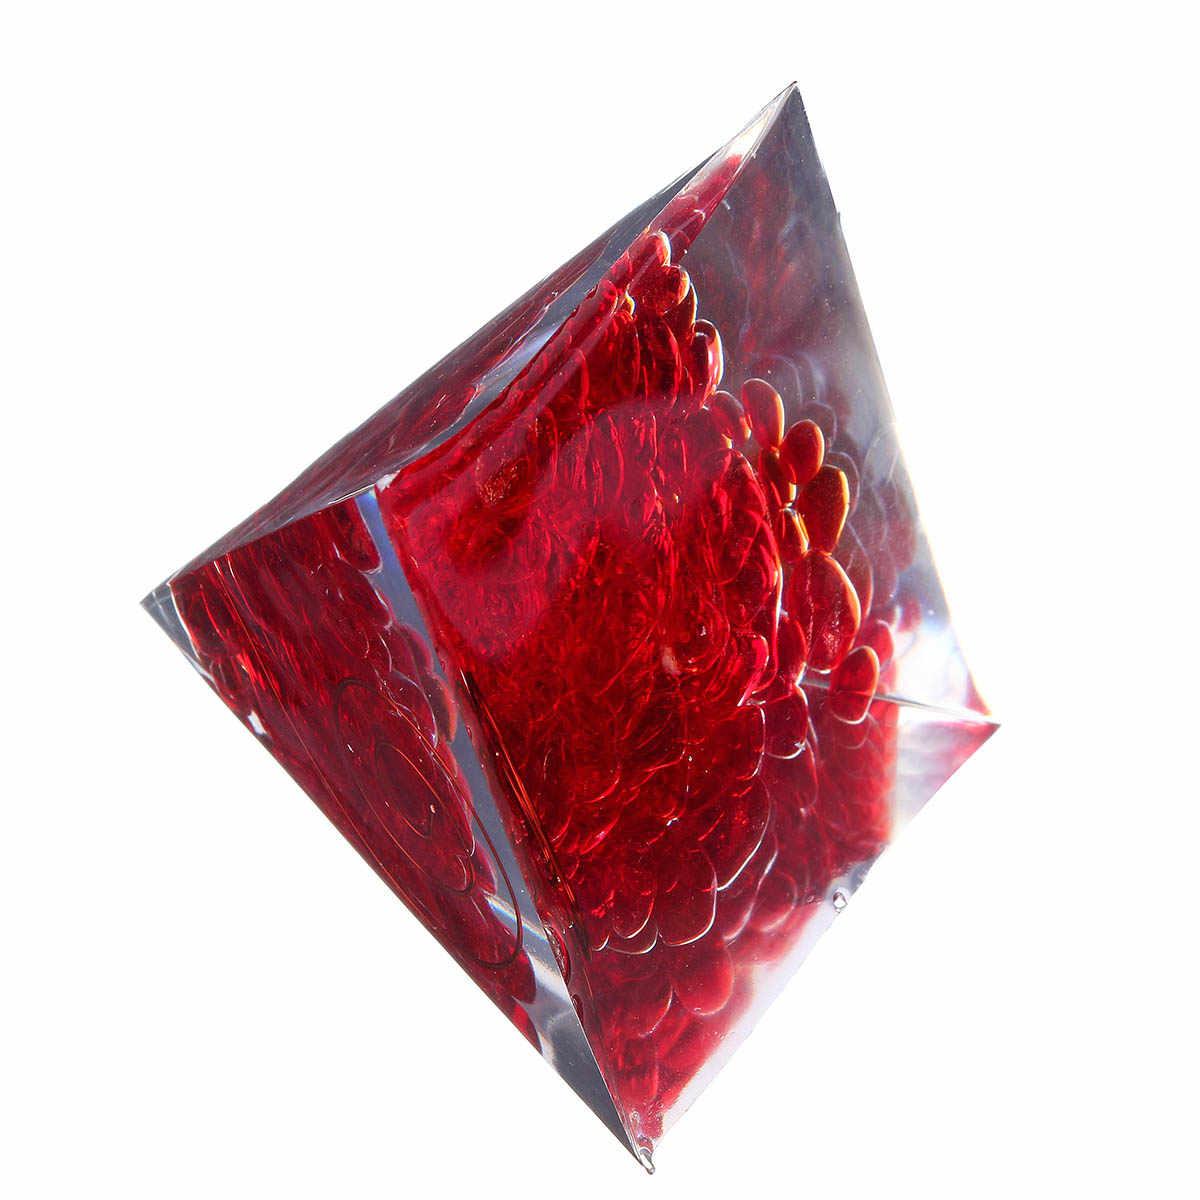 Jasper màu đỏ Kim Tự Tháp Đá Orgorne Đá Quý Tự Nhiên Organit Thạch Anh Pha Lê Năng Lượng Vòng Tròn Chữa Bệnh Fengshui Trang Trí Nội Thất Thủ Công Mỹ Nghệ Quà Tặng